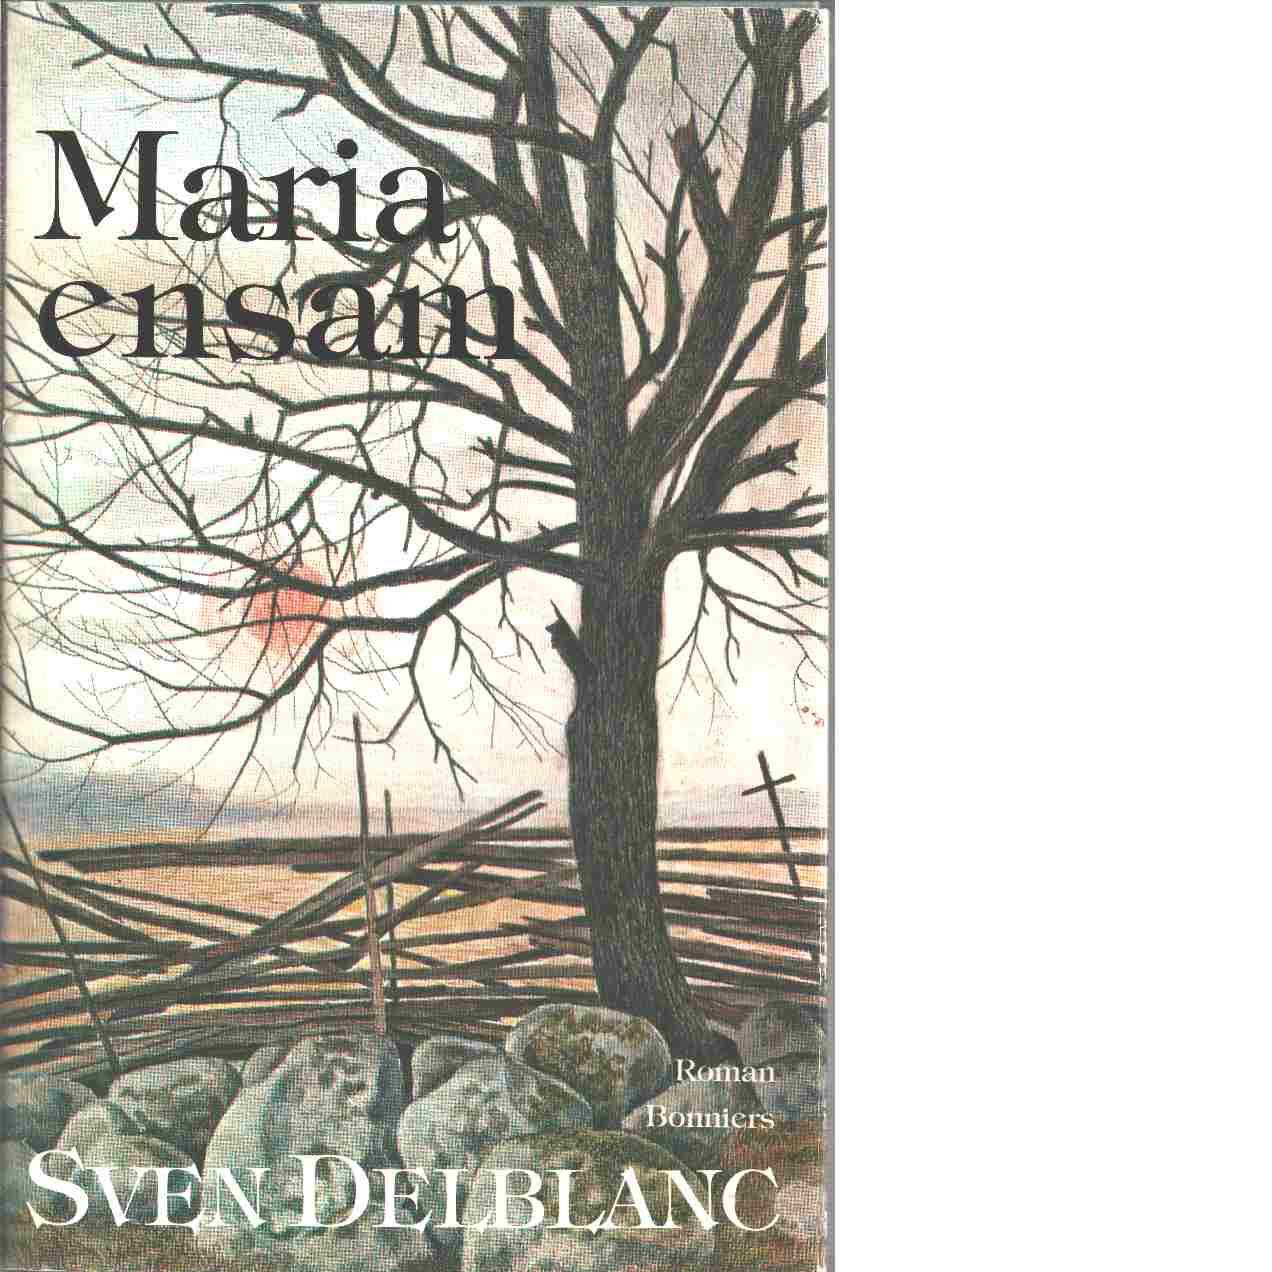 Maria ensam - Delblanc, Sven